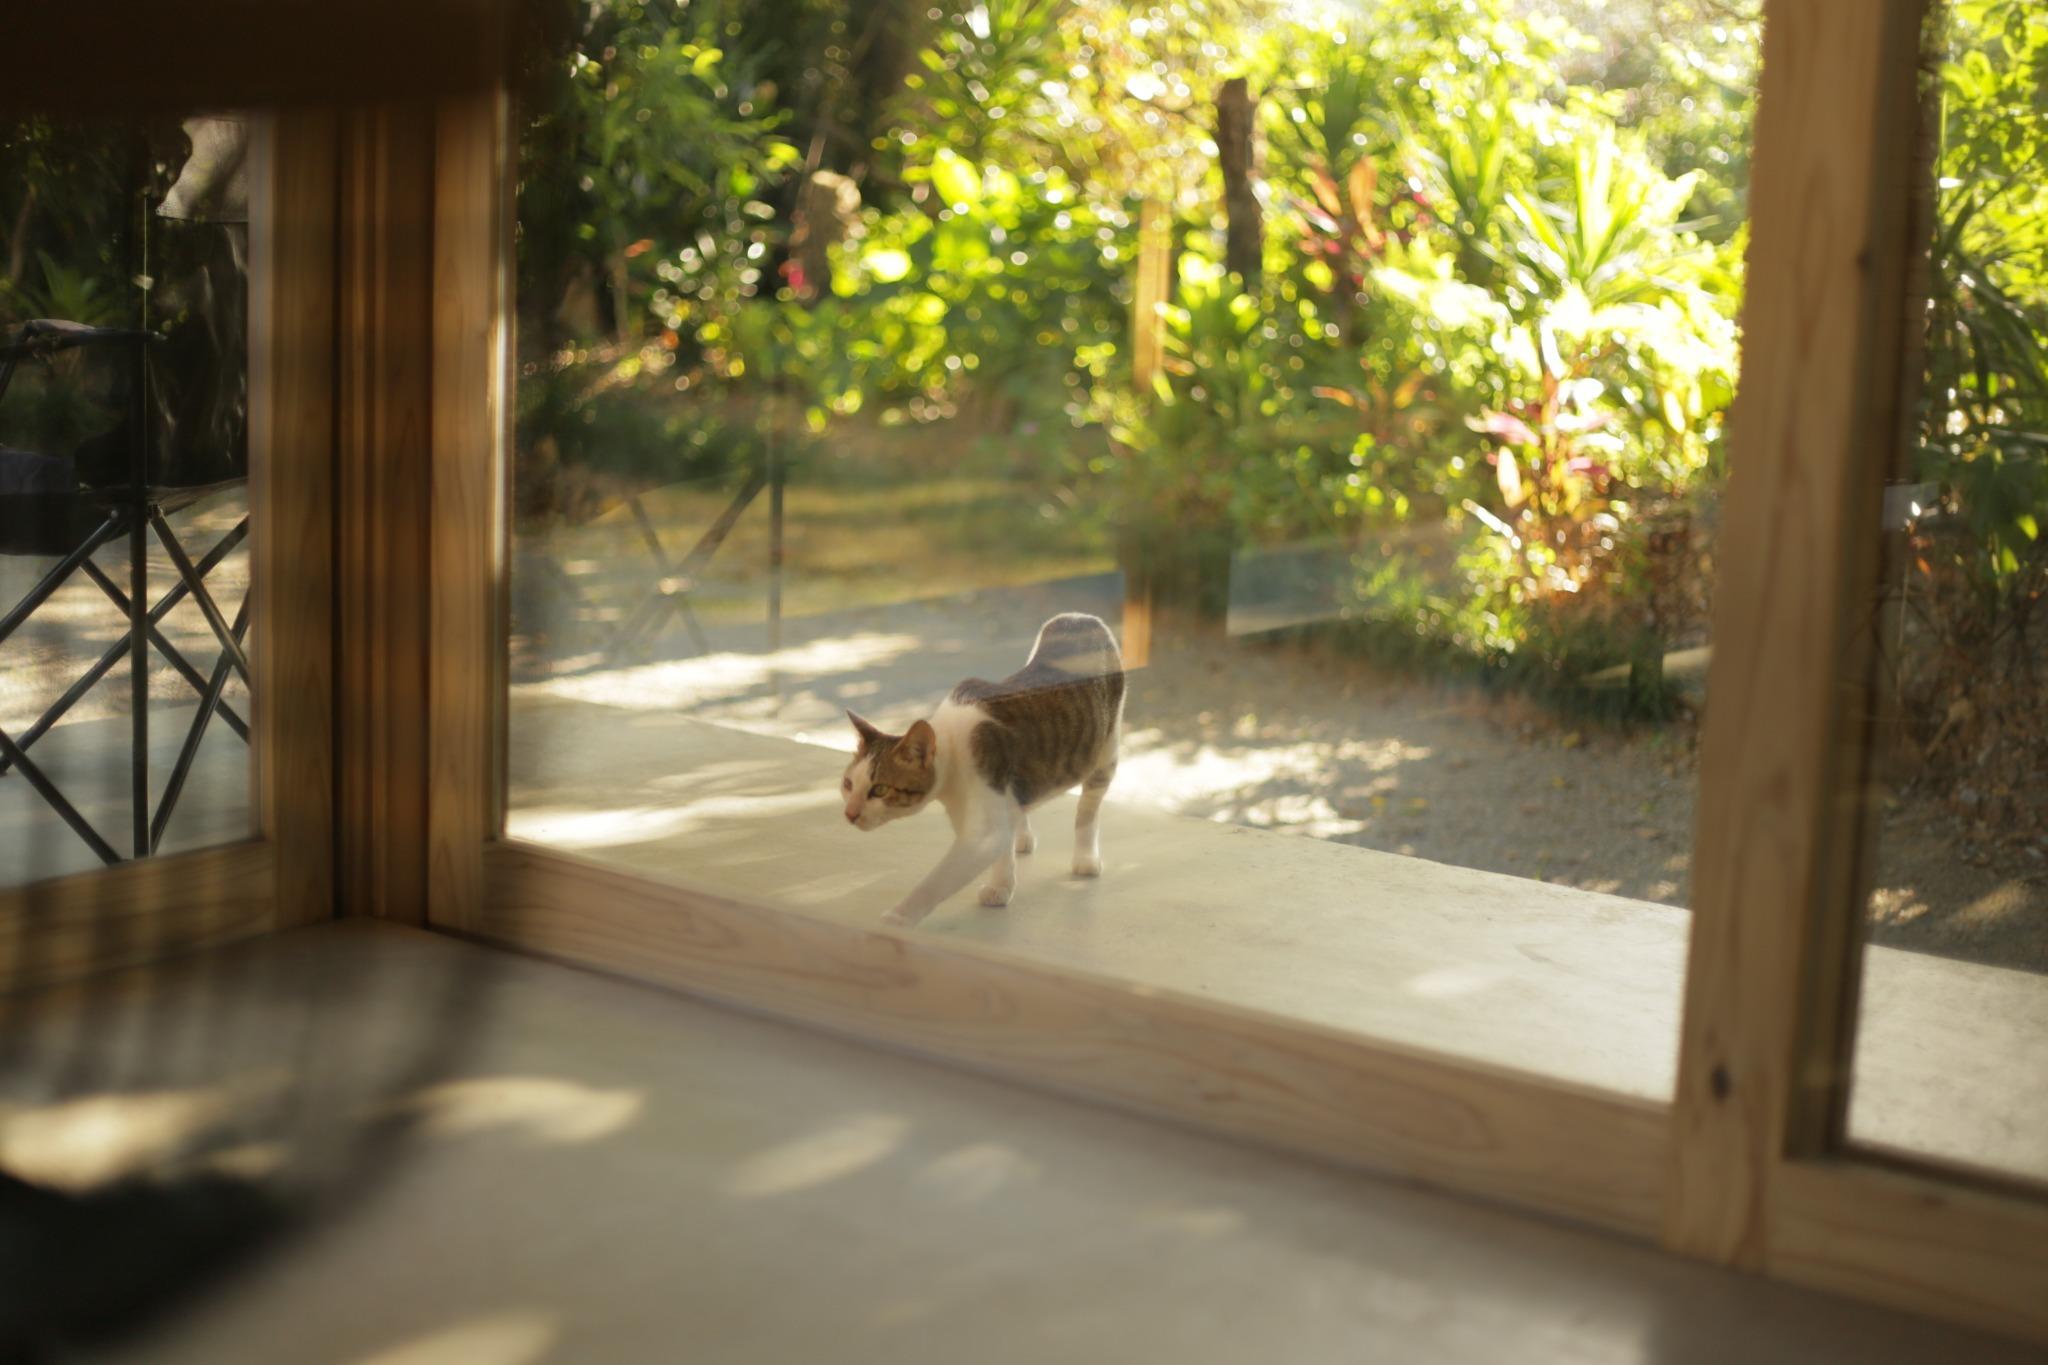 Cat walk around sometimes